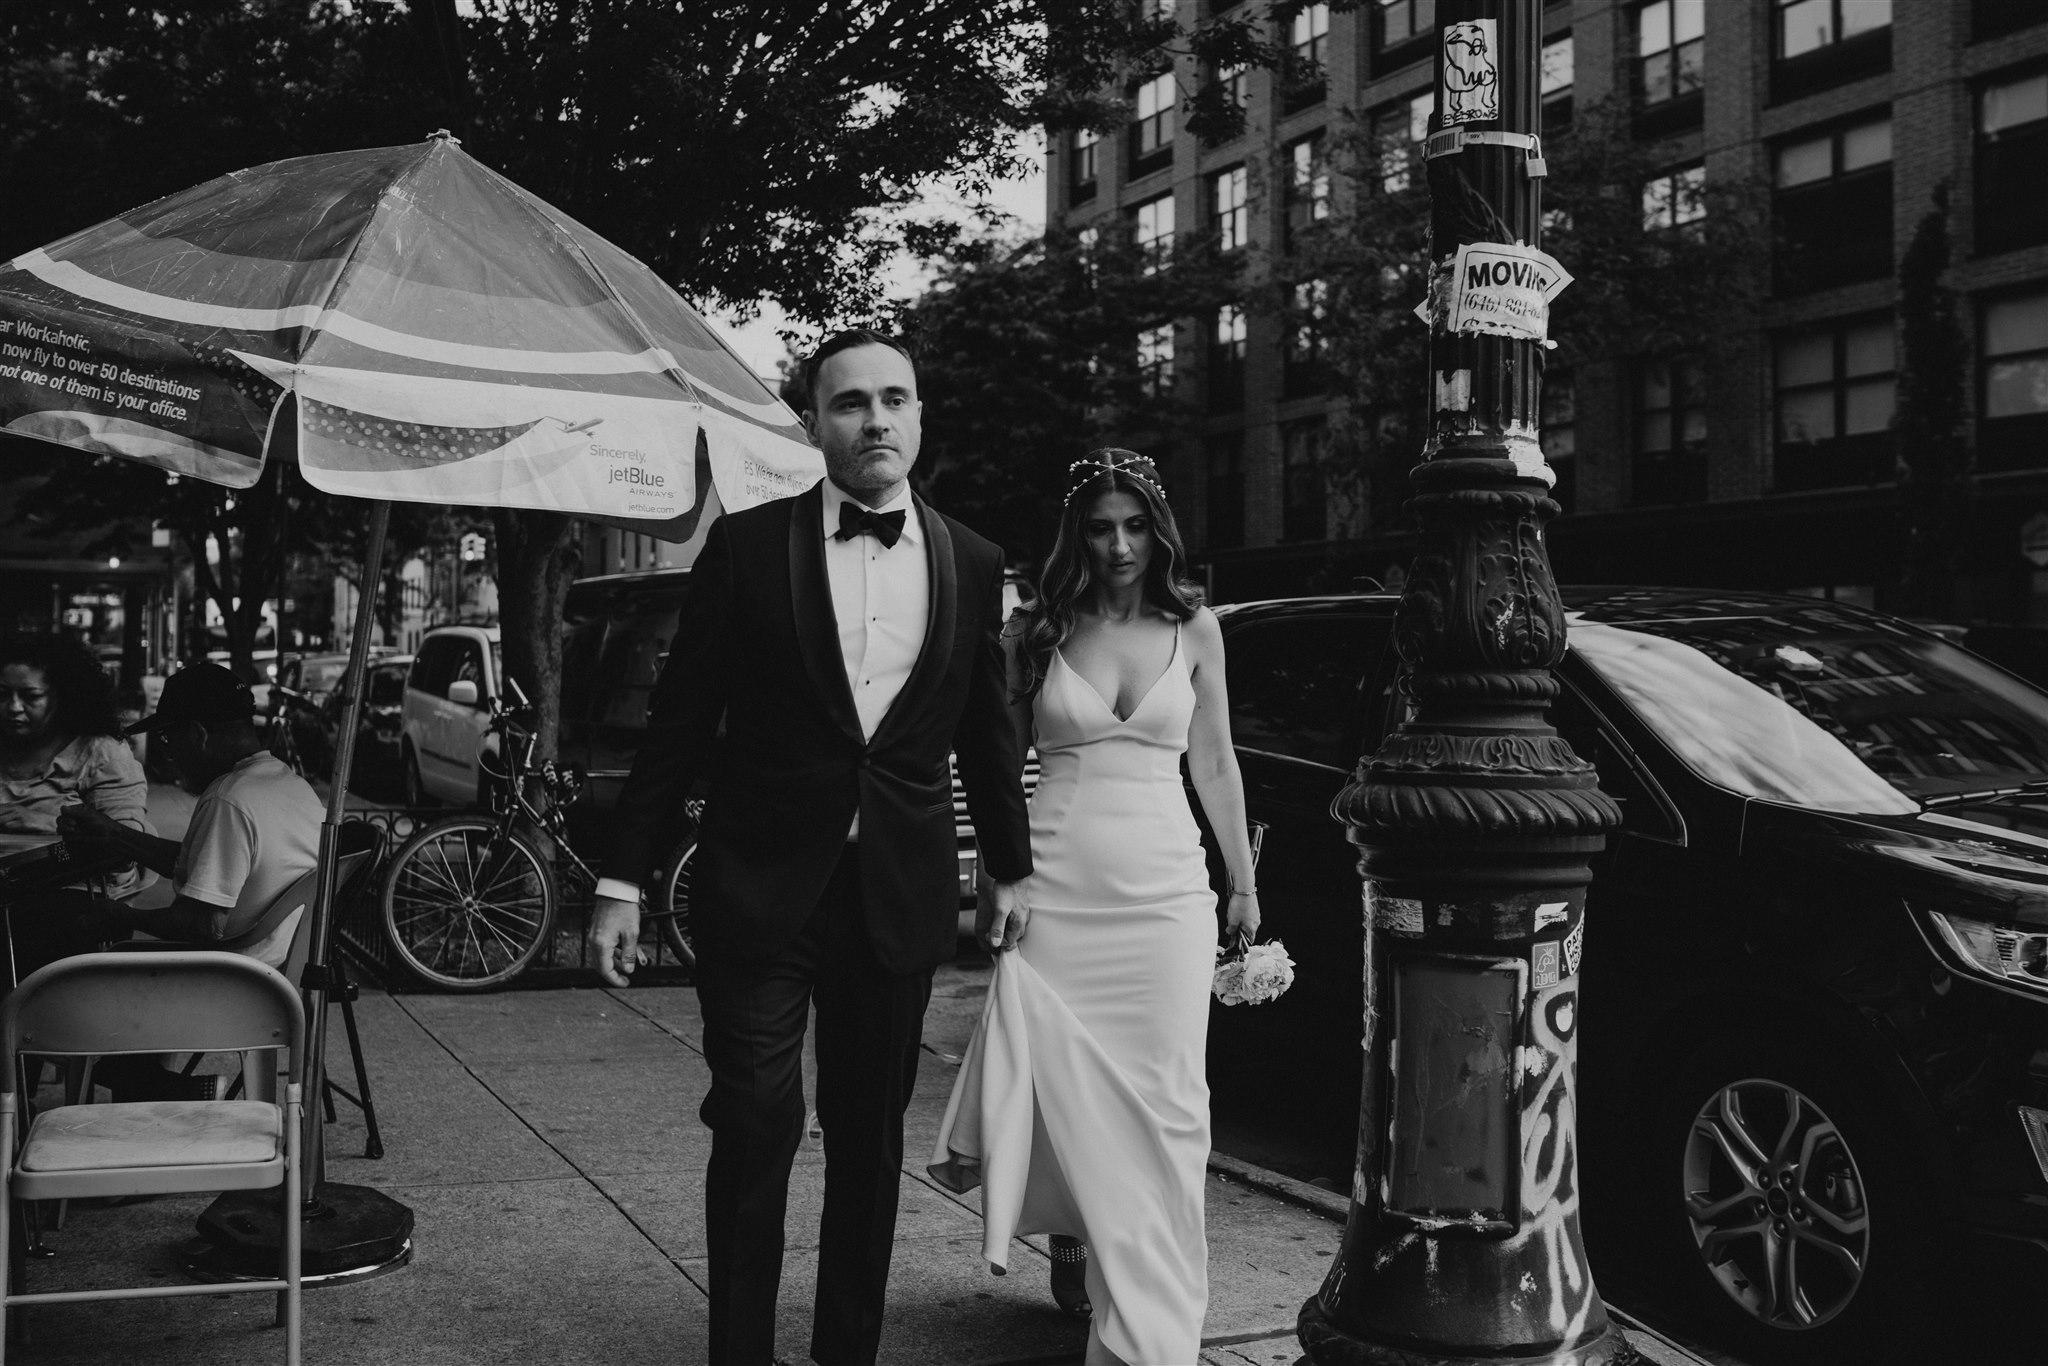 Chellise_Michael_Photography_Ramona_Brooklyn_Wedding_Photographer-401.jpg